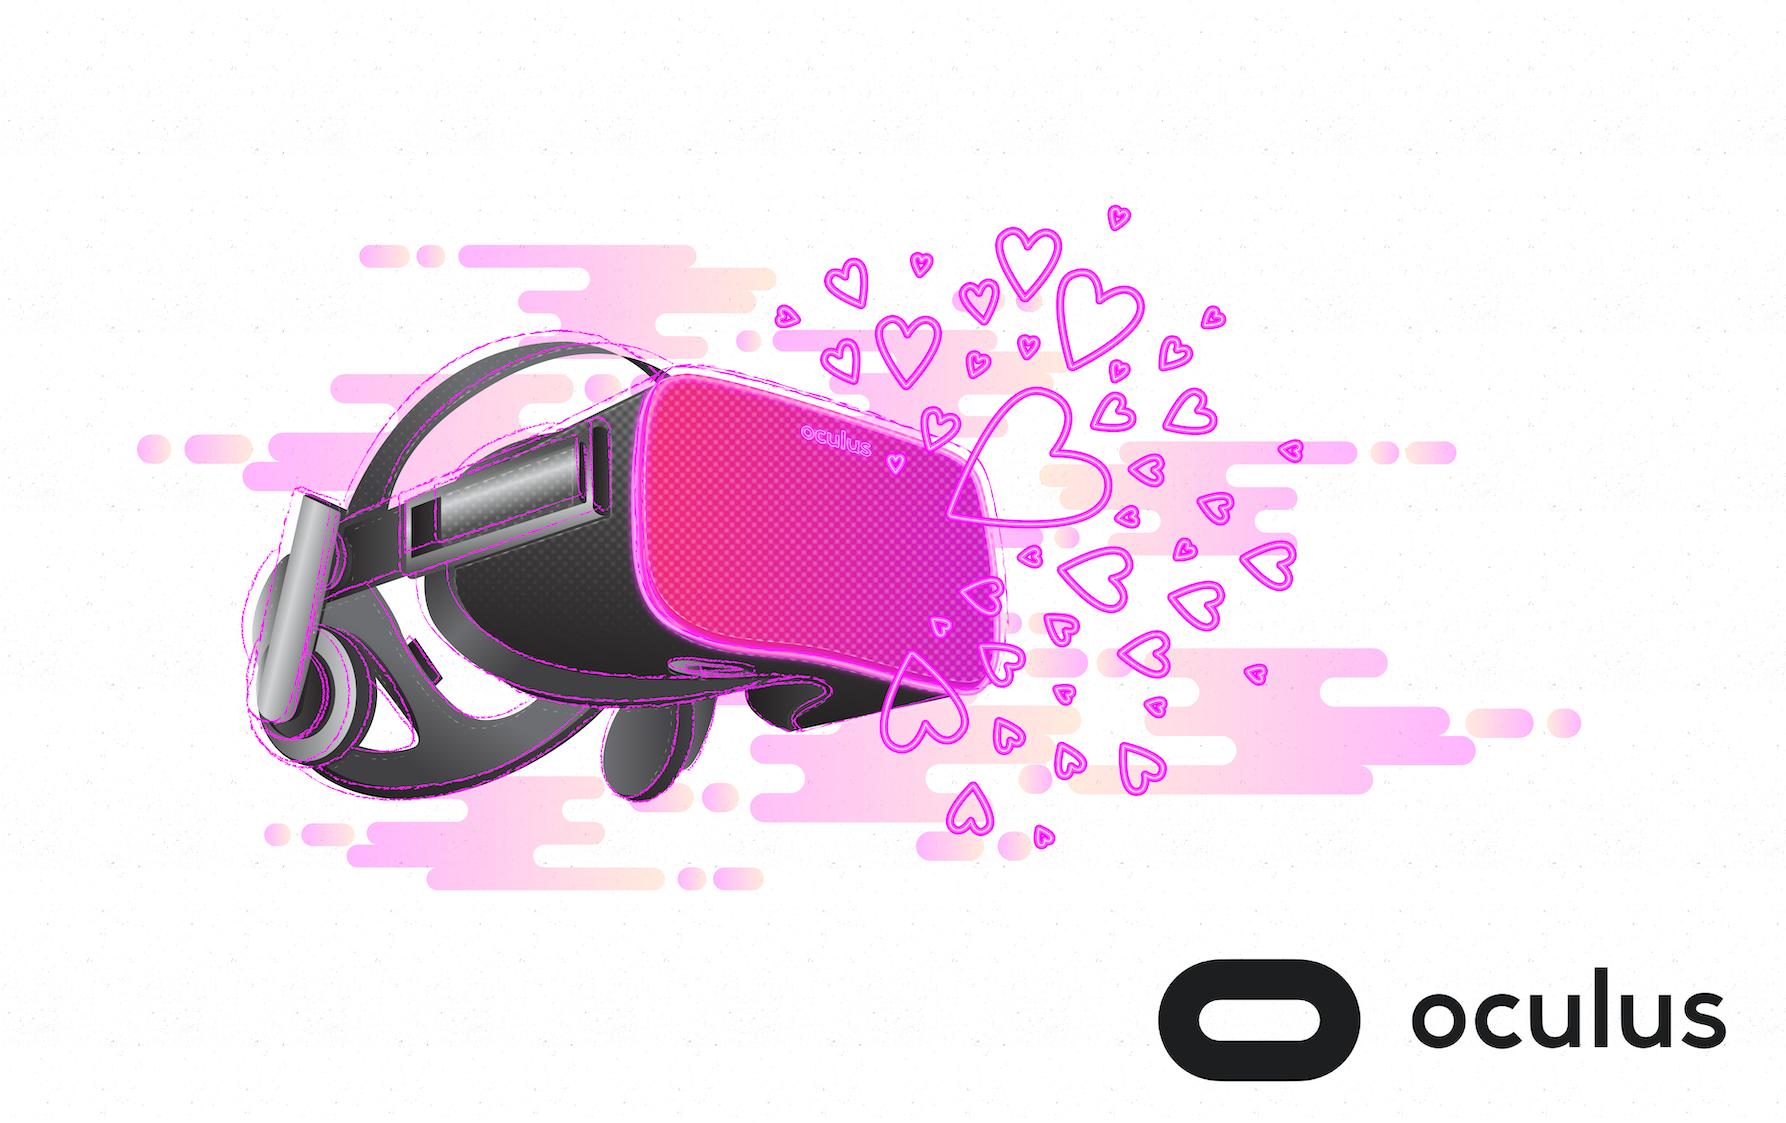 Oculus-02-01